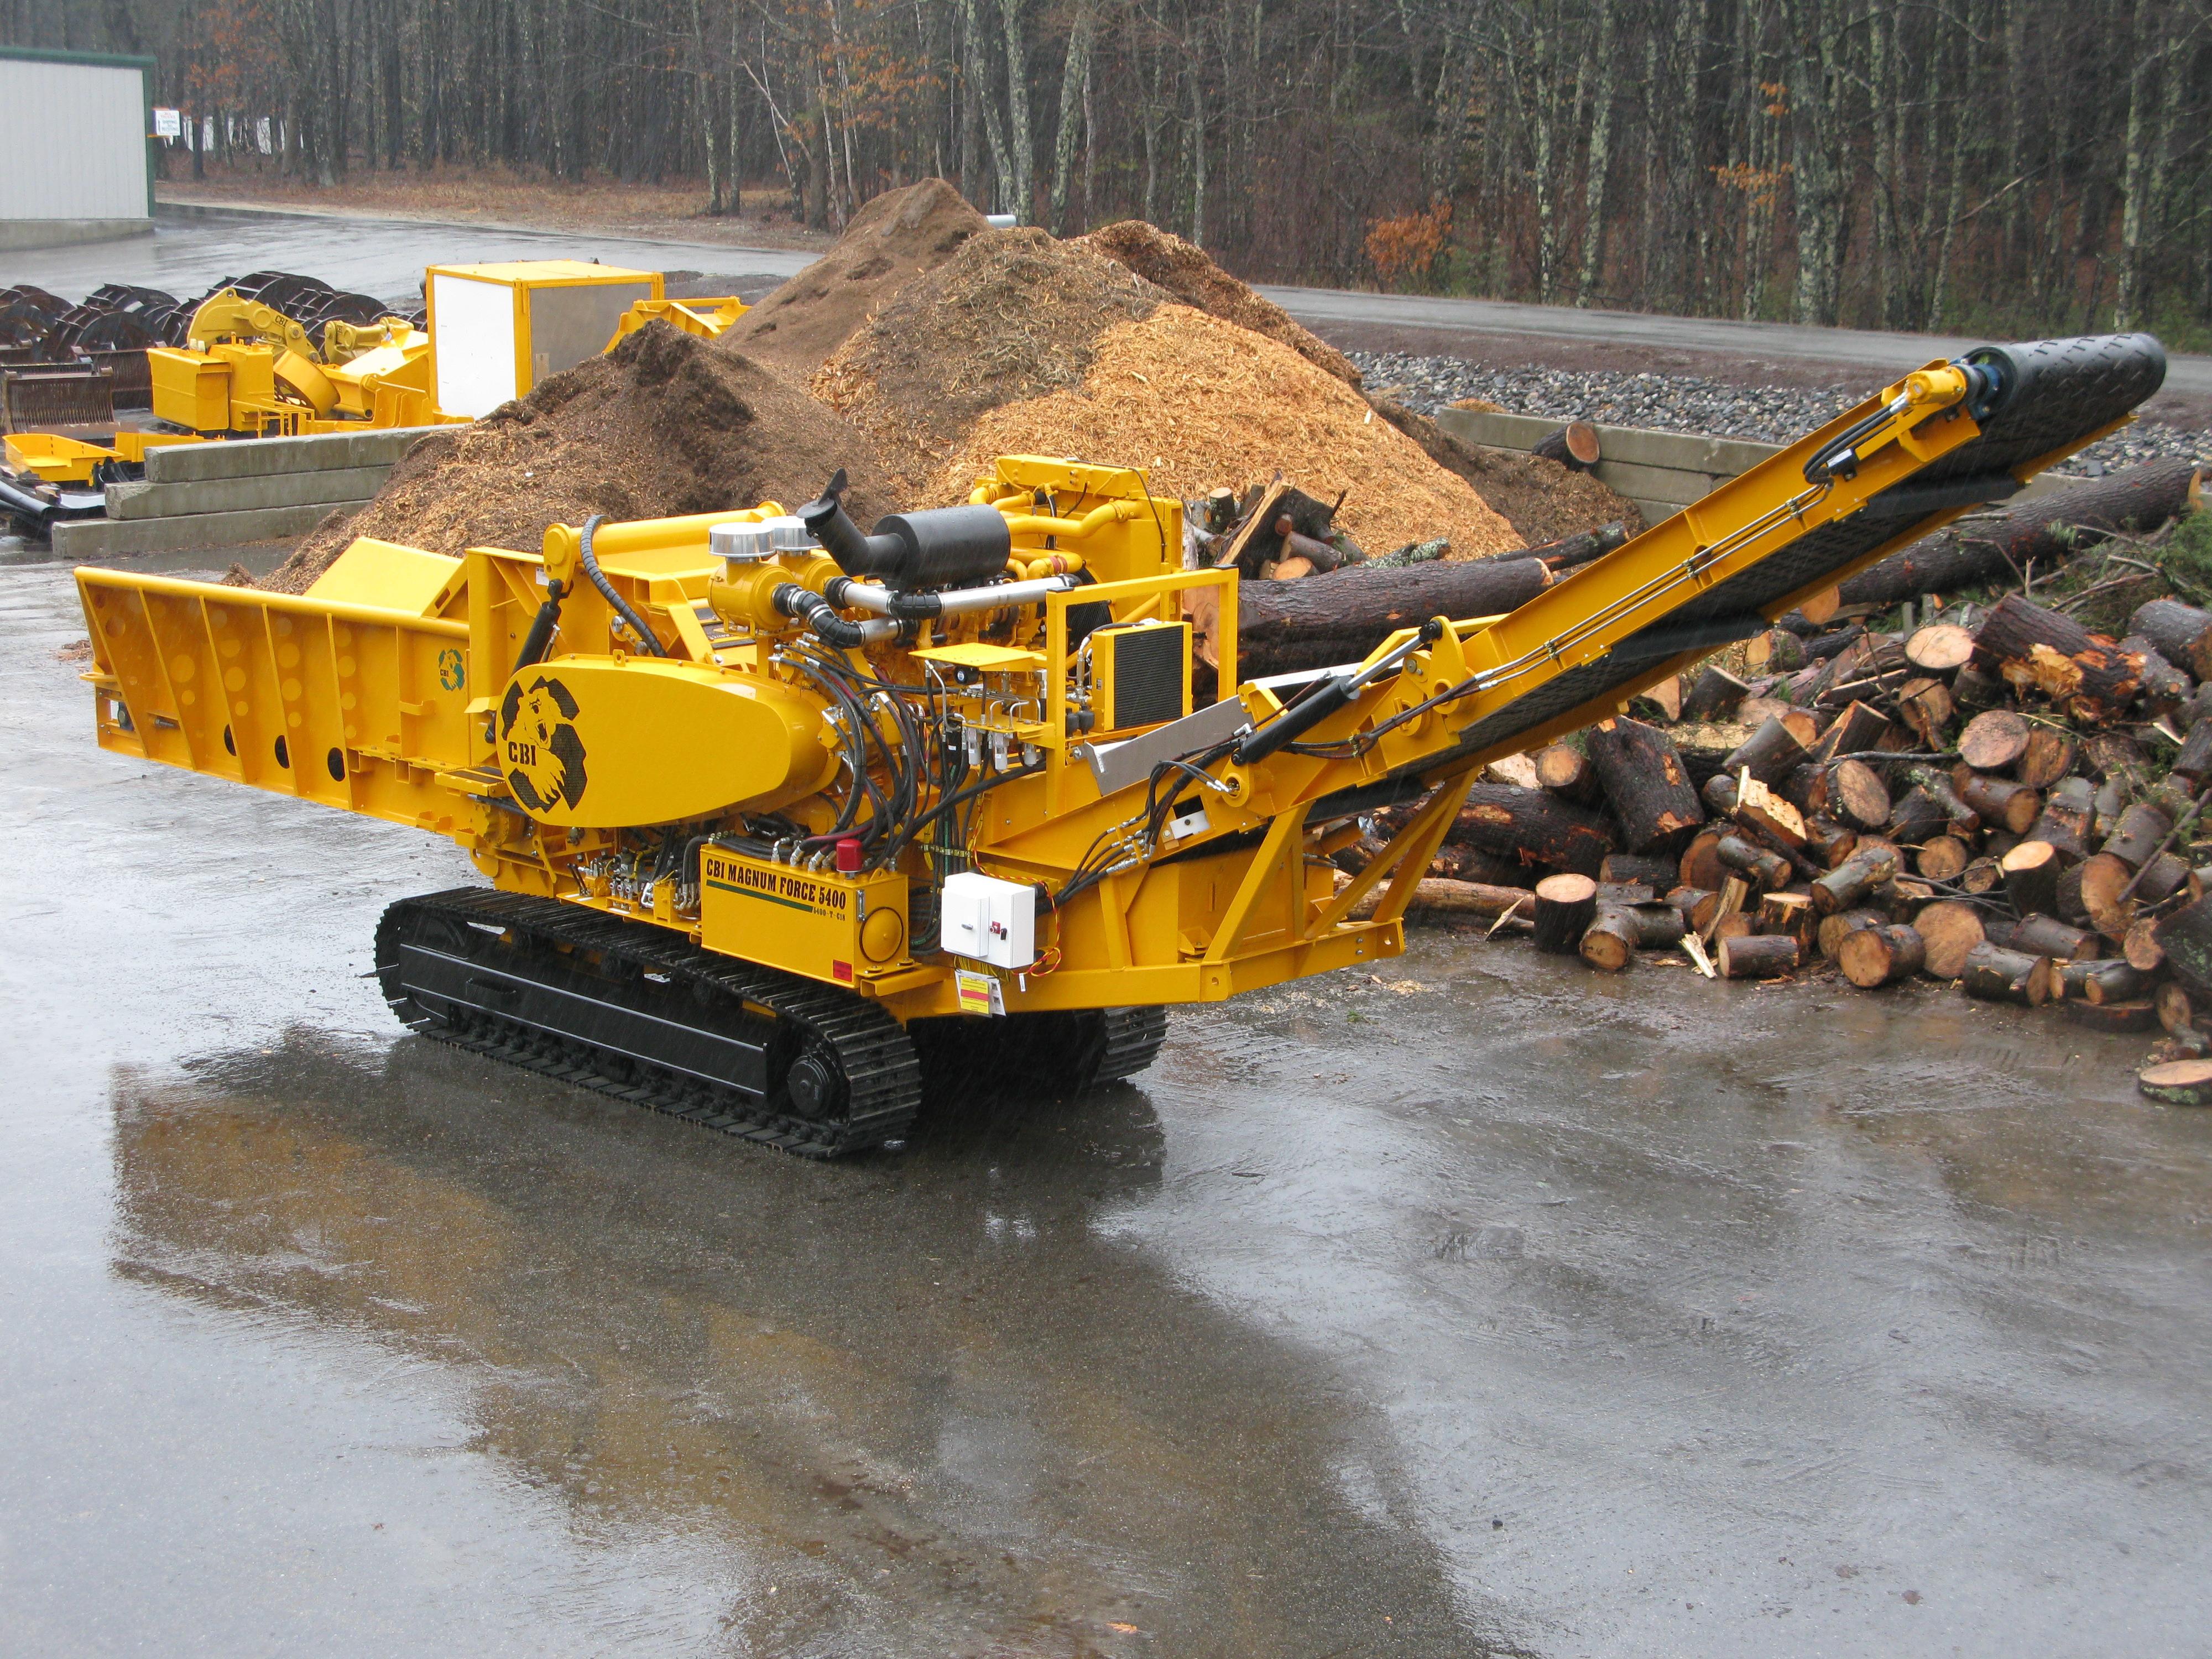 Cbi 5400t Wood Chipper